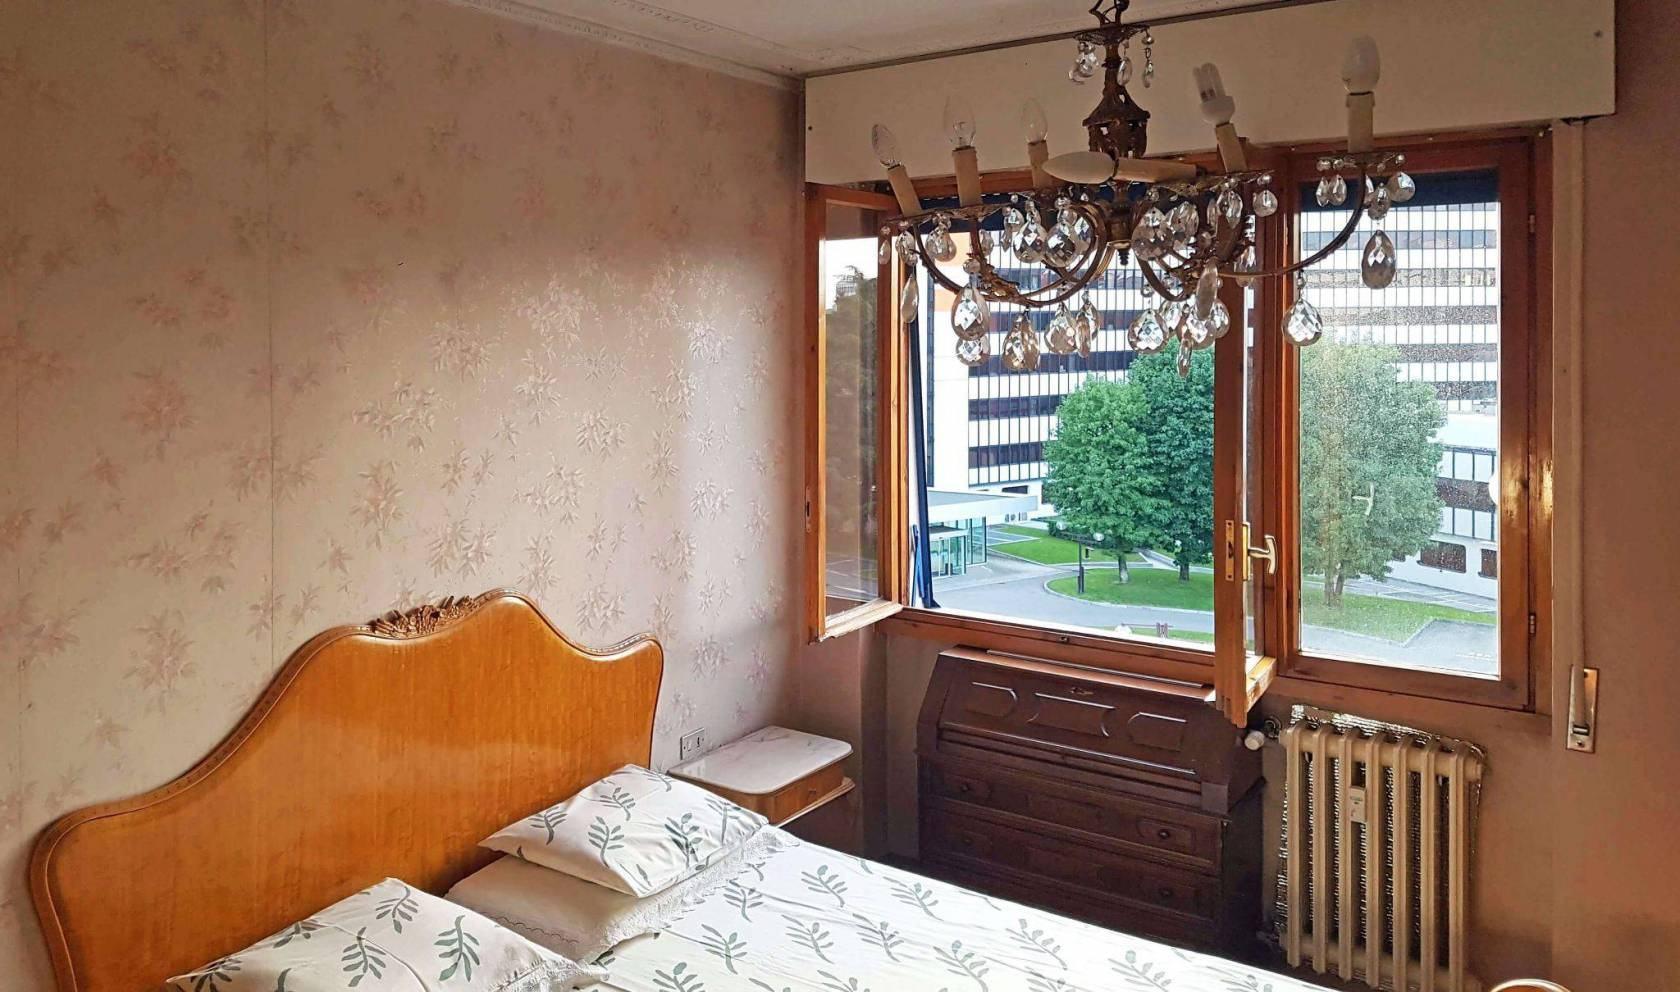 appartamento-in-vendita-milano-baggio-san-siro-forze-armate-quadrilocale-4-locali-quattro-spaziourbano-immobiliare-vende-9